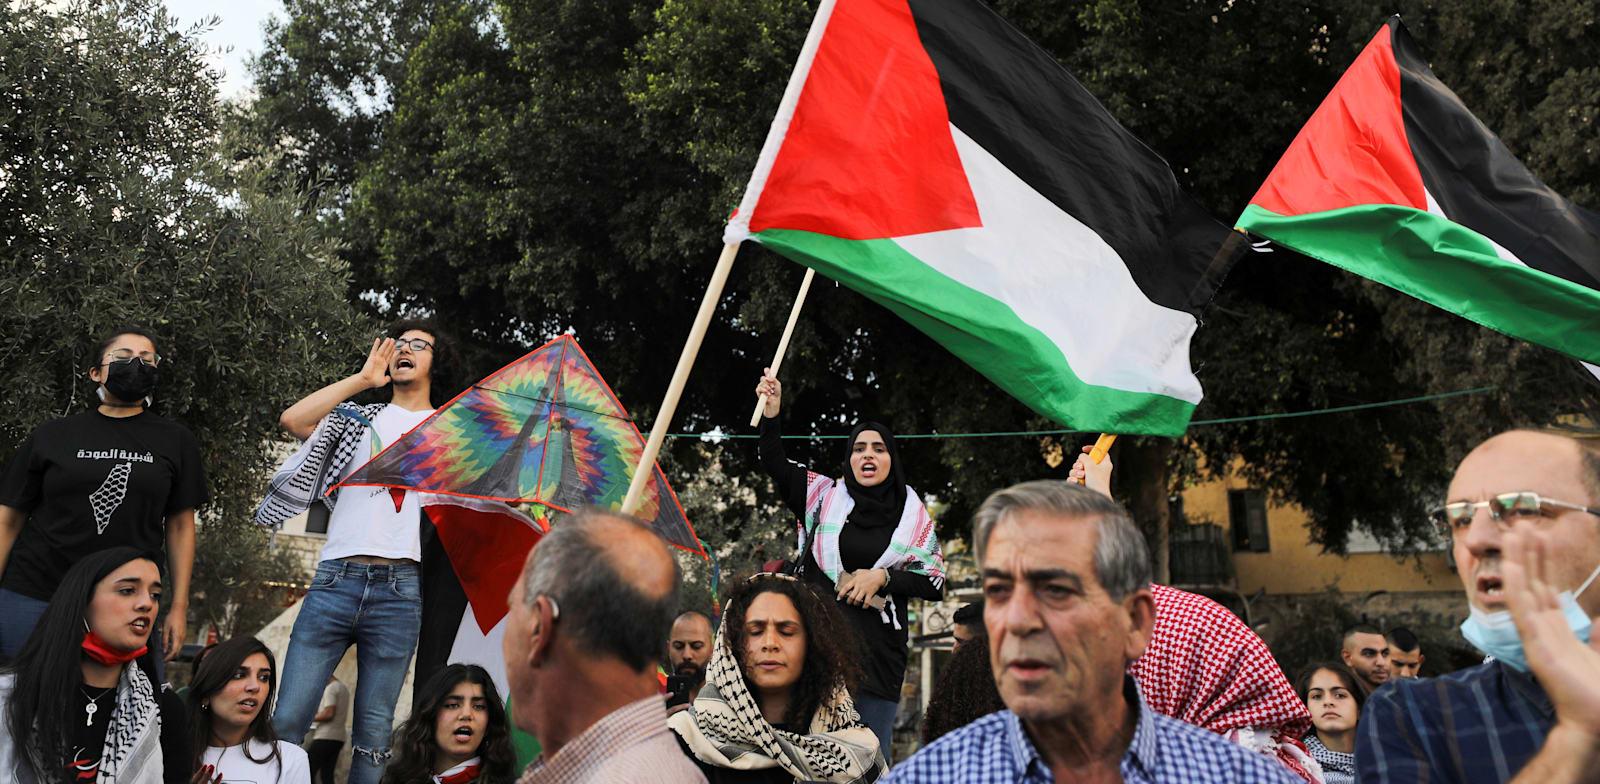 הפגנת תמיכה באסירים הביטחוניים בנצרת / צילום: Reuters, Ammar Awad